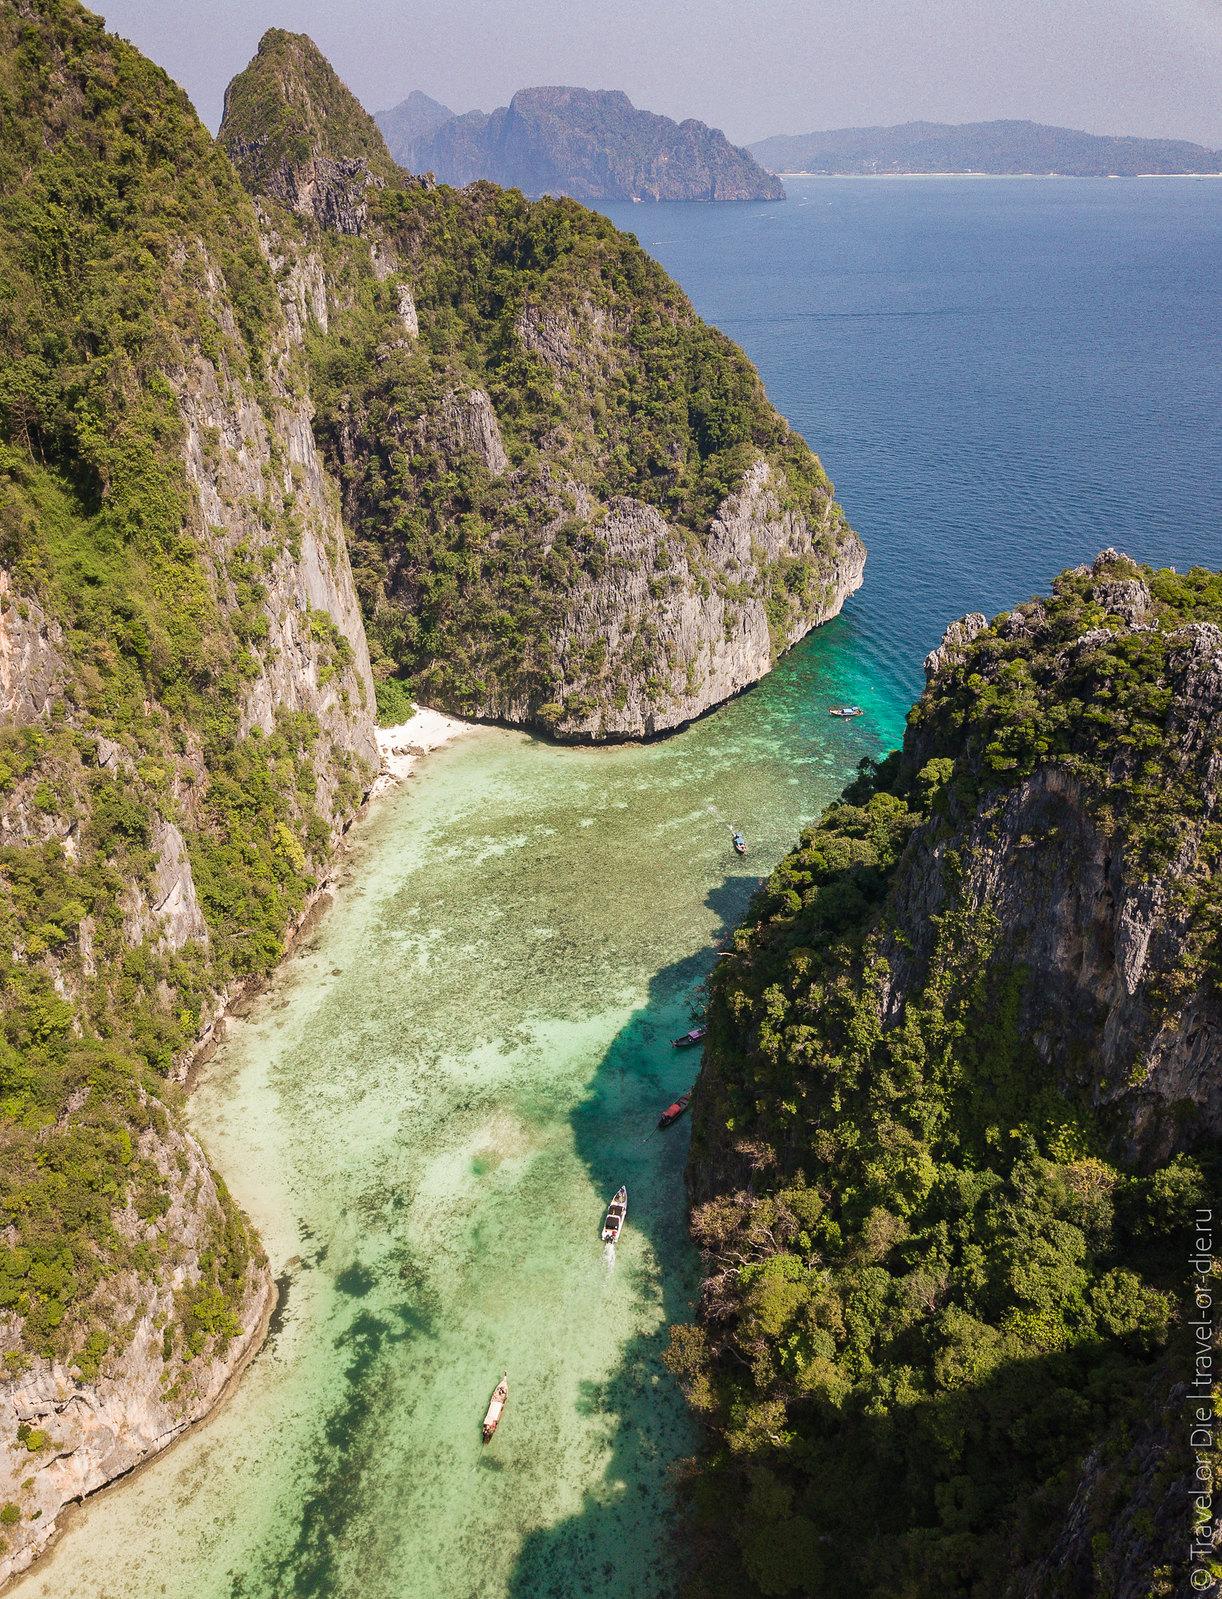 острова-пхи-пхи-phi-phi-islands-0312